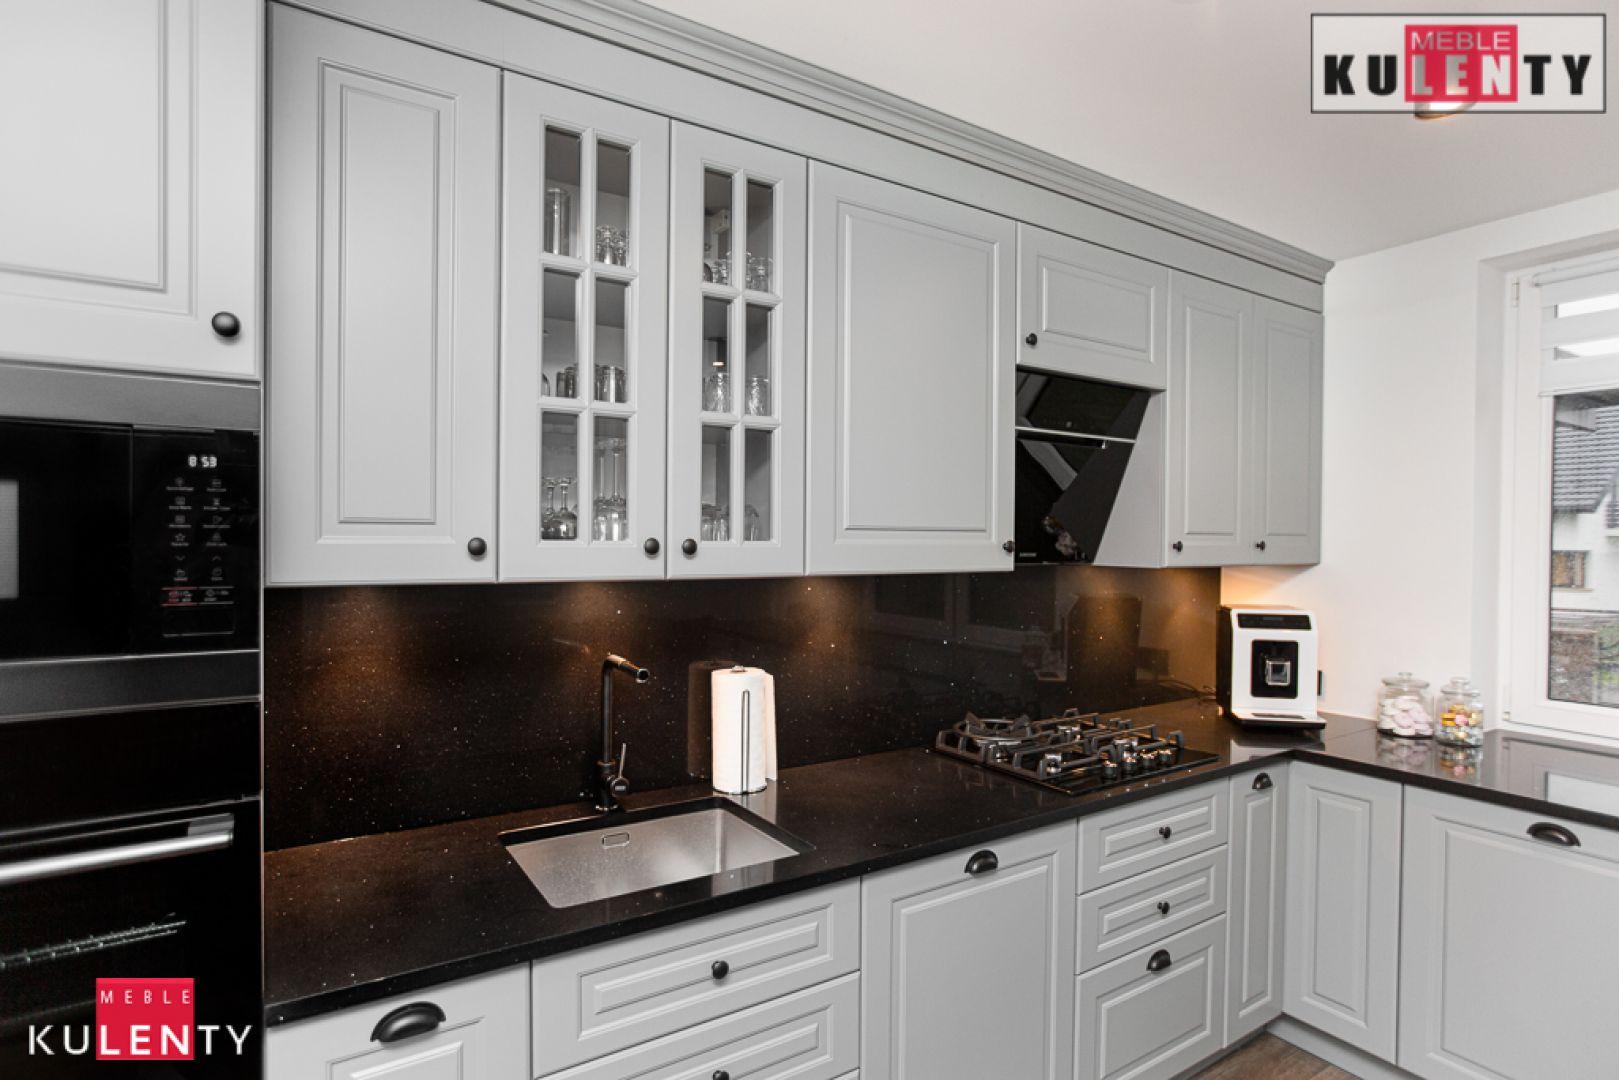 Blat granit w kuchni waGK